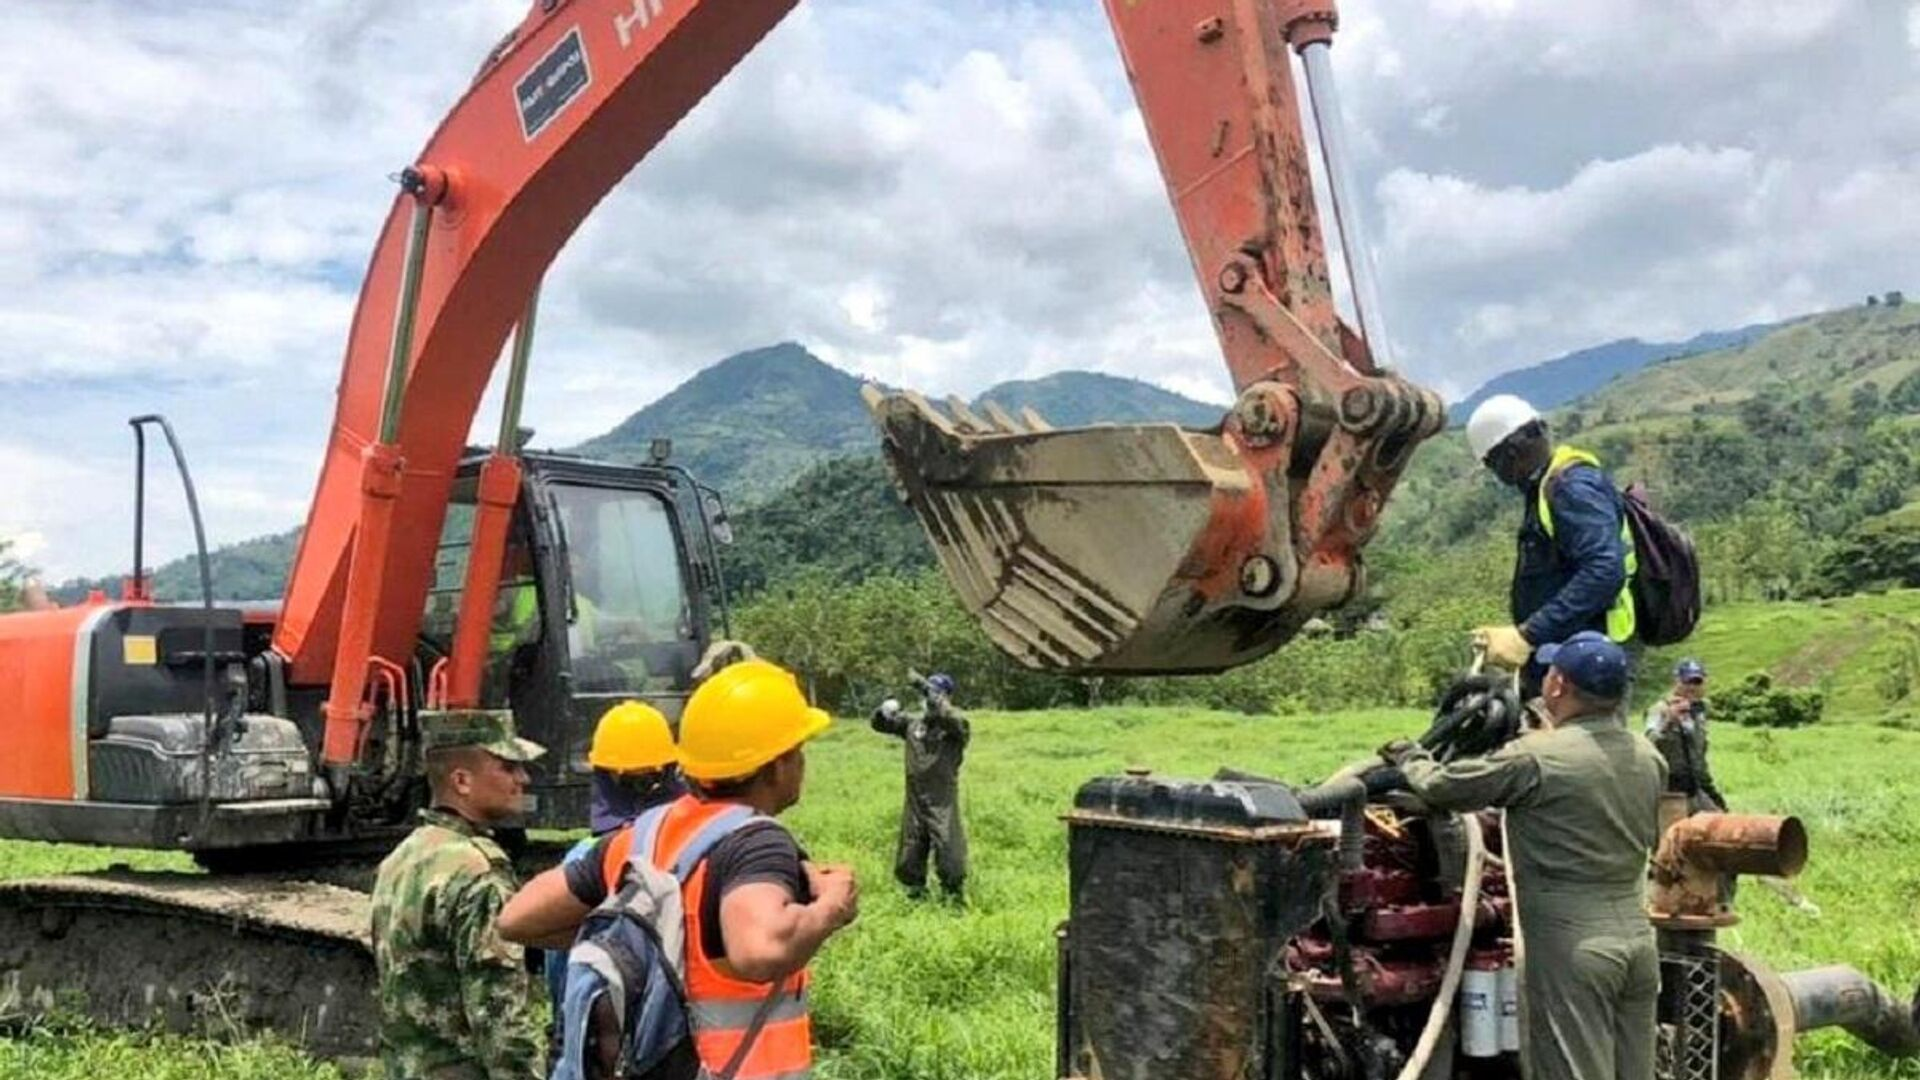 Labores de rescate de labriegos atrapados en mina de oro en el municipio de Neira, Colombia - Sputnik Mundo, 1920, 30.03.2021